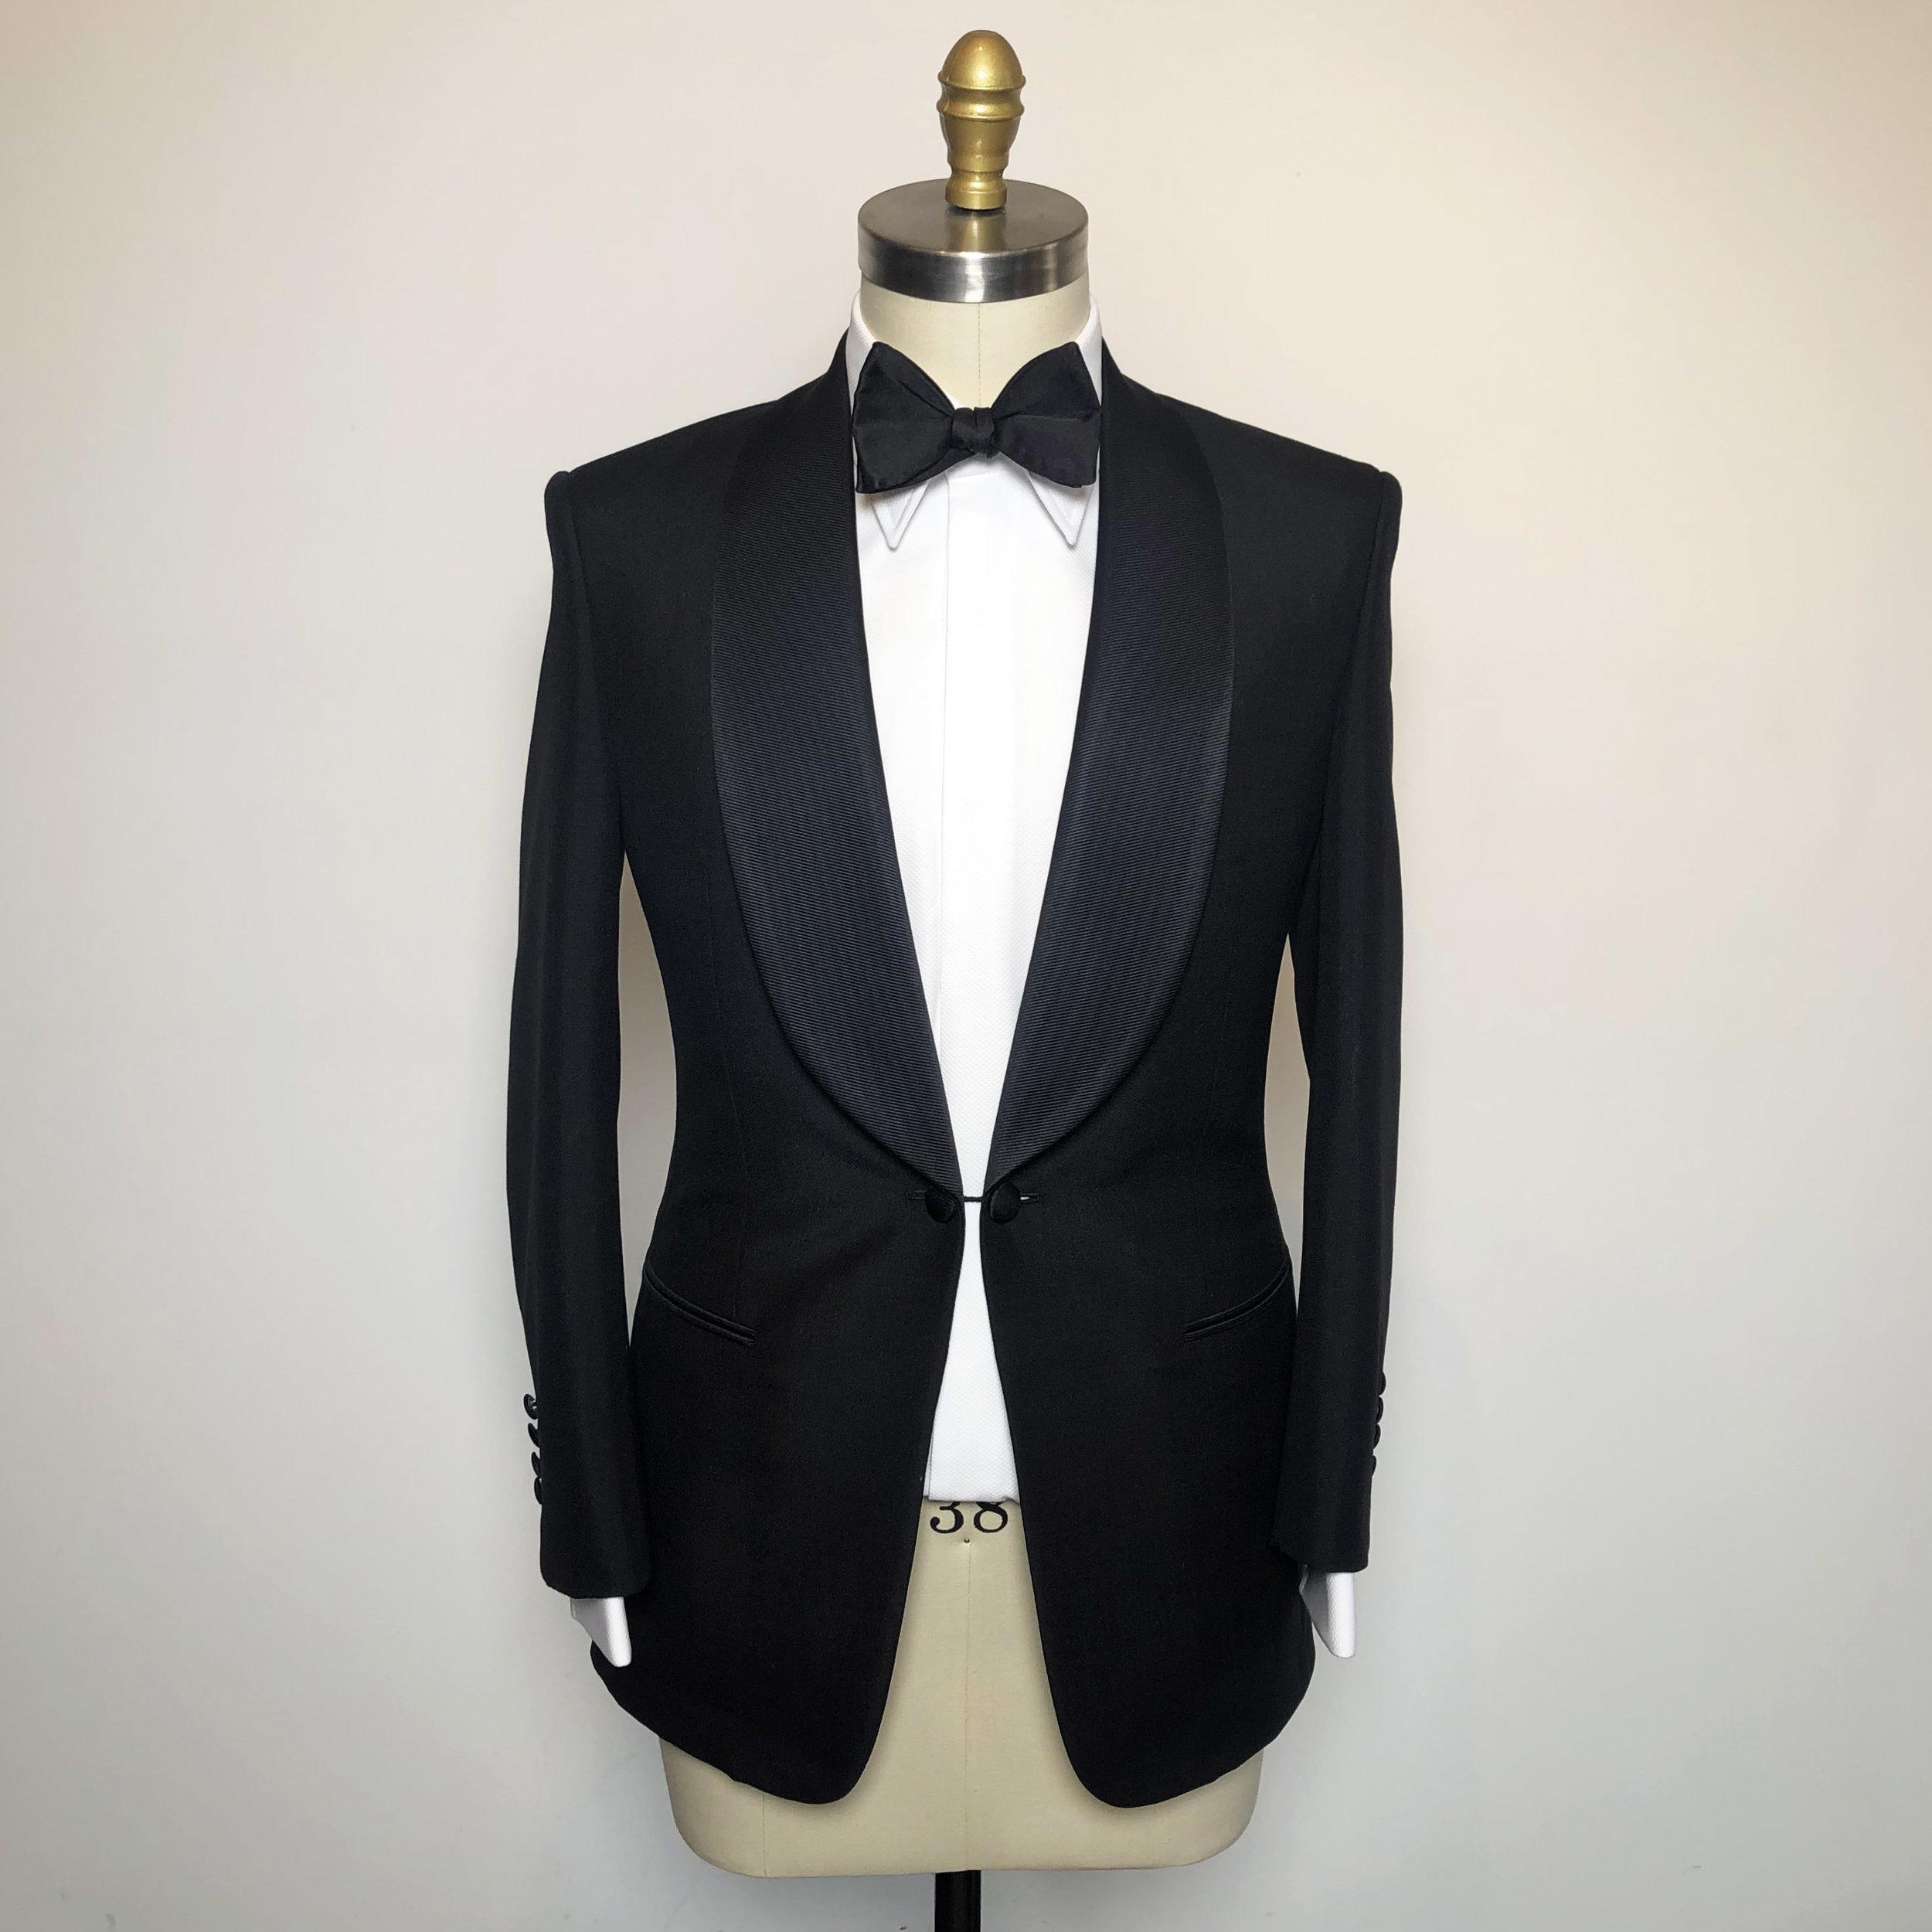 Dinner jacket March 2019.jpg